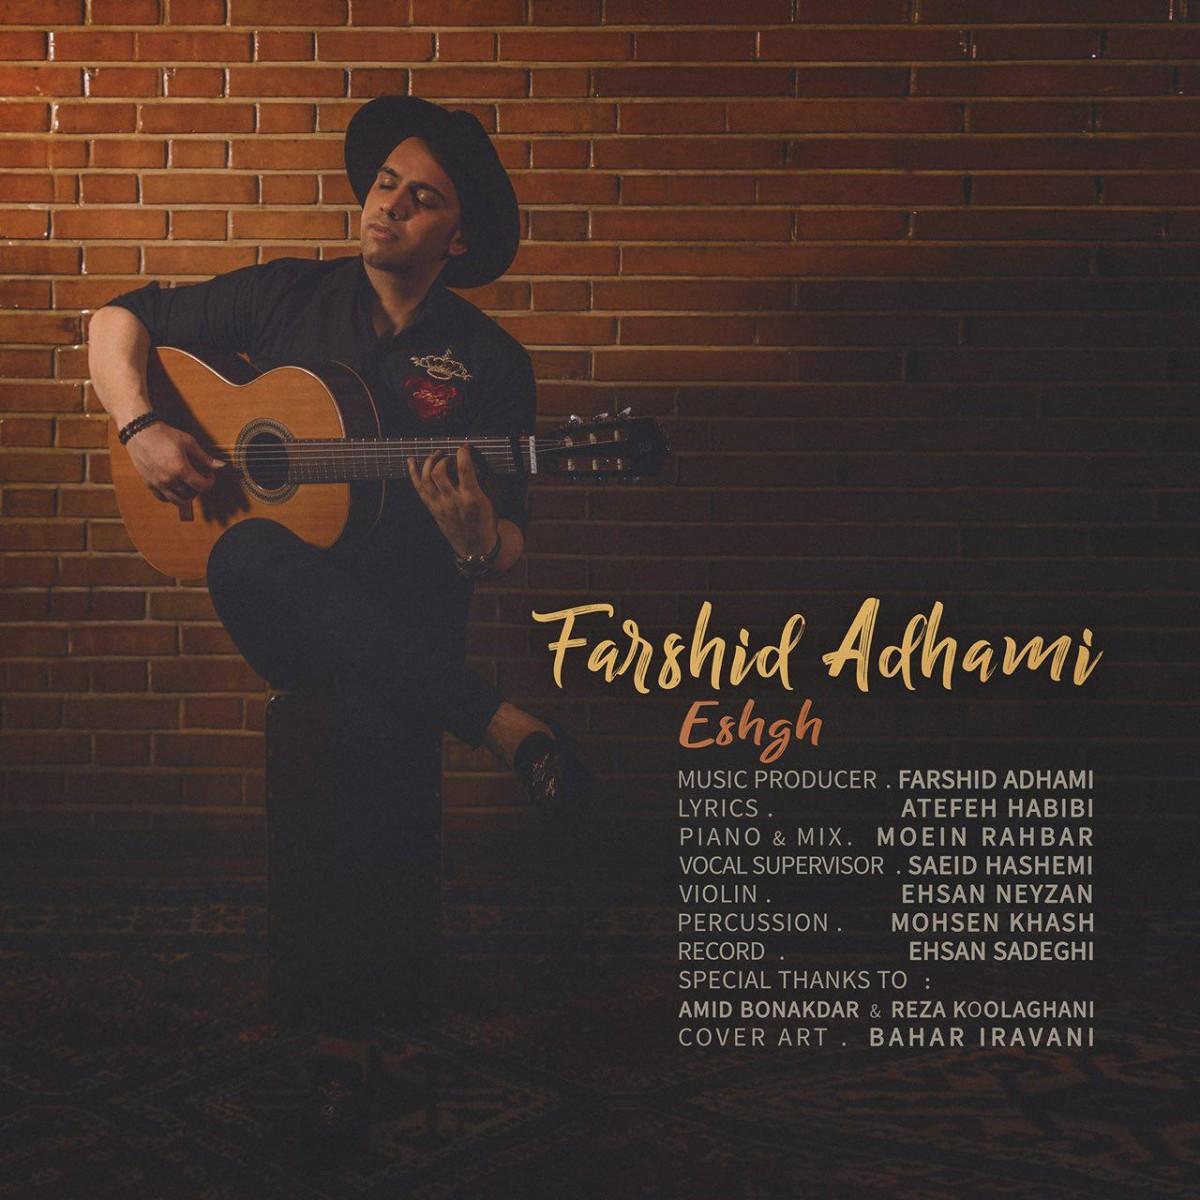 نامبر وان موزیک | دانلود آهنگ جدید Farshid-Adhami-Eshgh